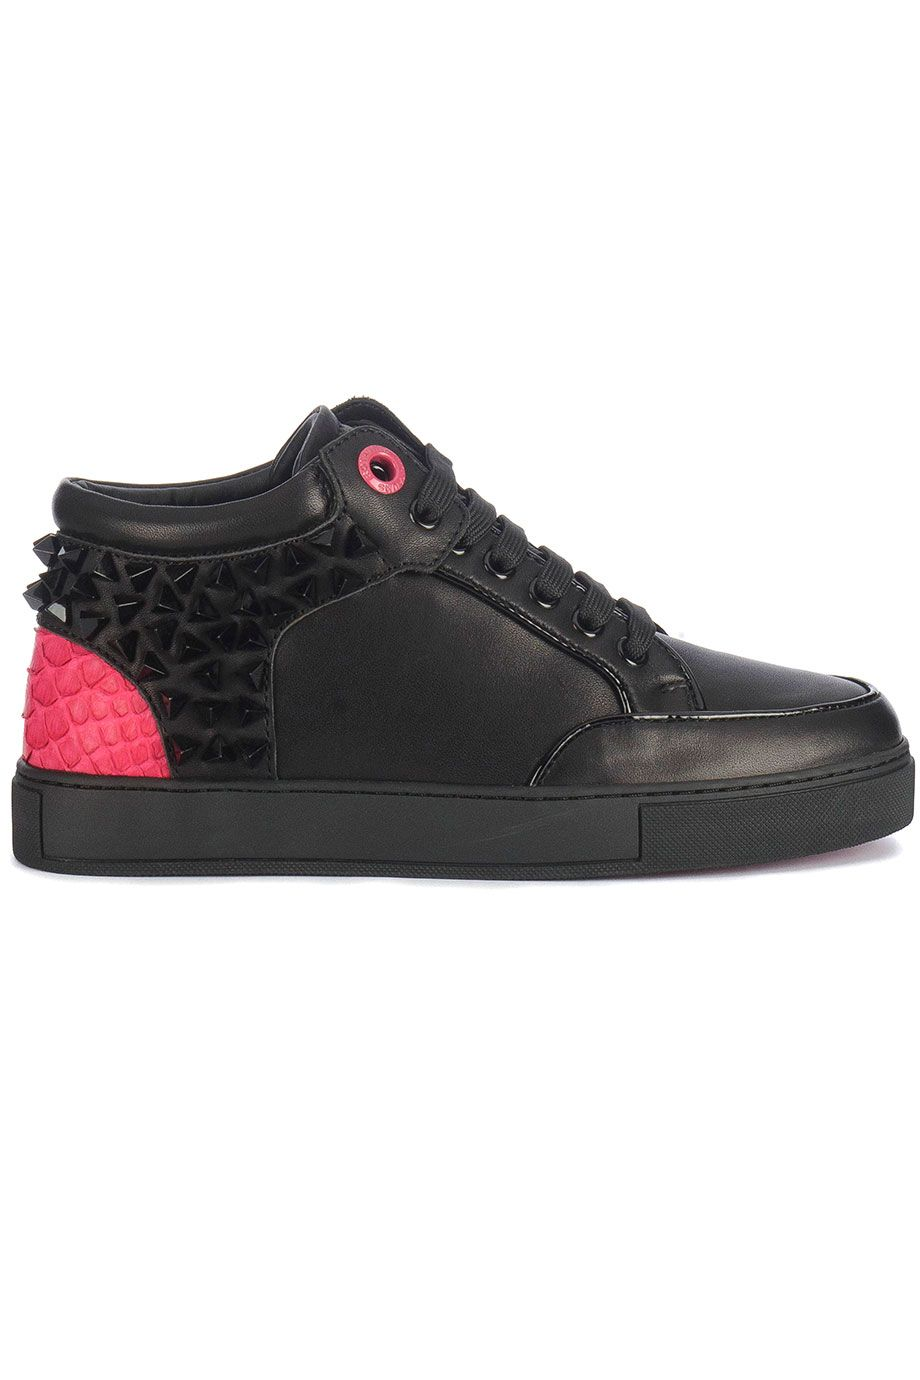 huge selection of 21dc8 ba67c Trendy Royaums Kilian Revo BlackPink (zwart) Dames sneakers van het merk  royaums . Uitgevoerd in zwart.